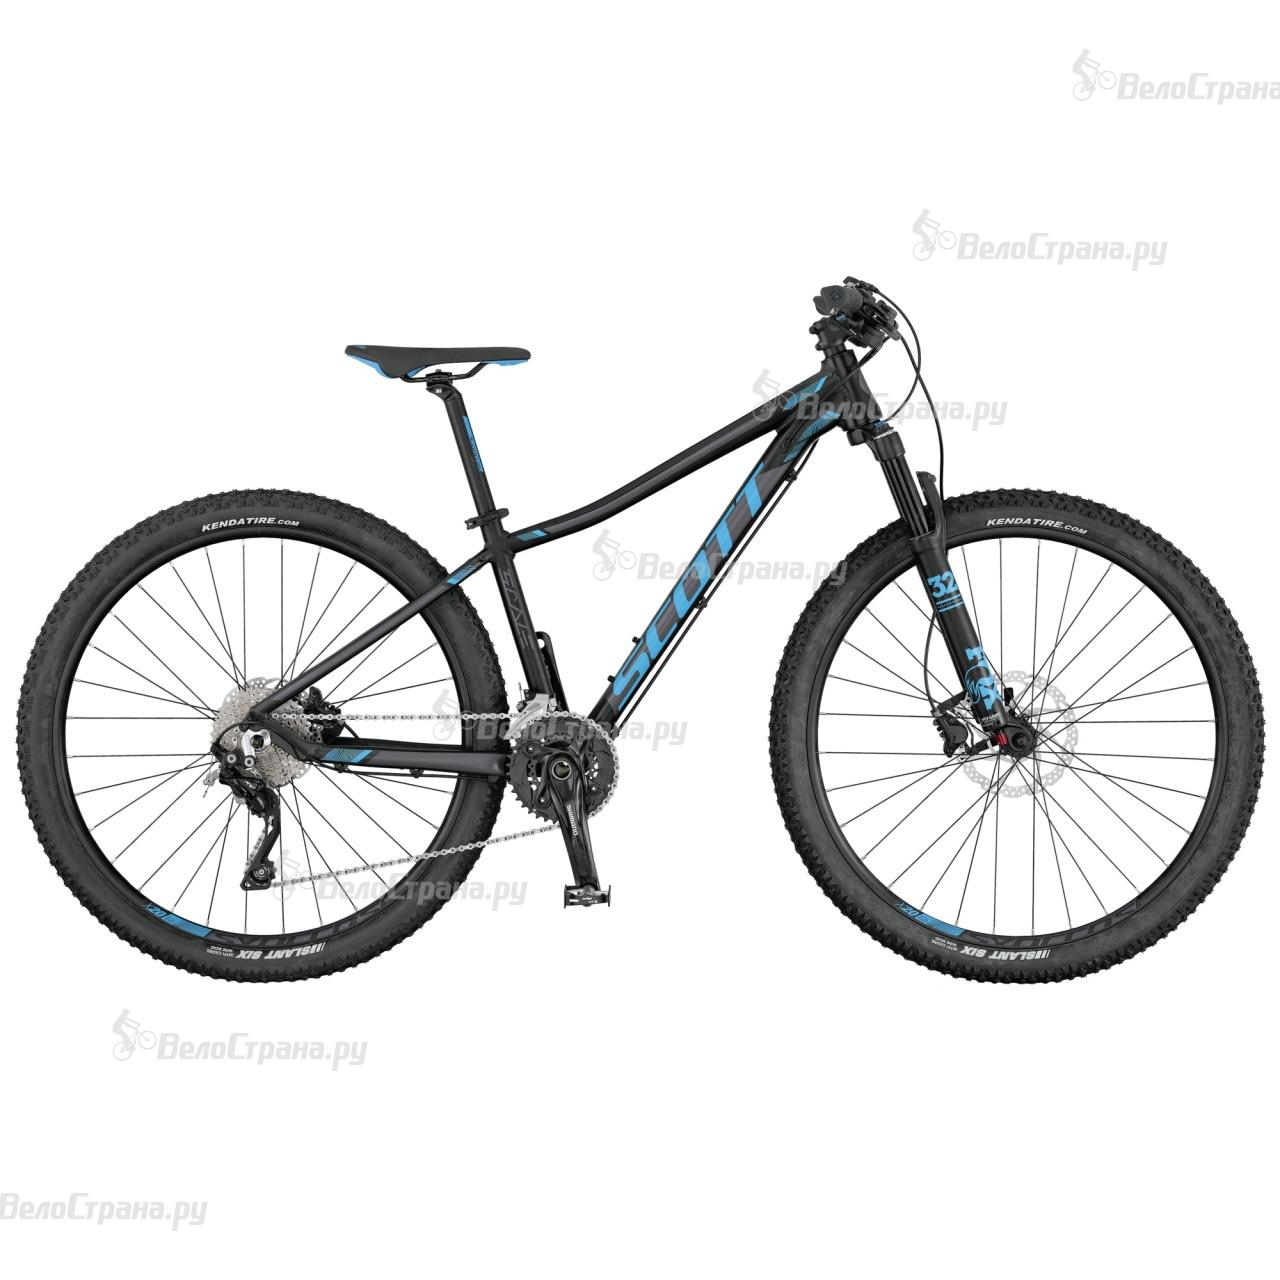 Велосипед Scott Contessa Scale 910 (2017)